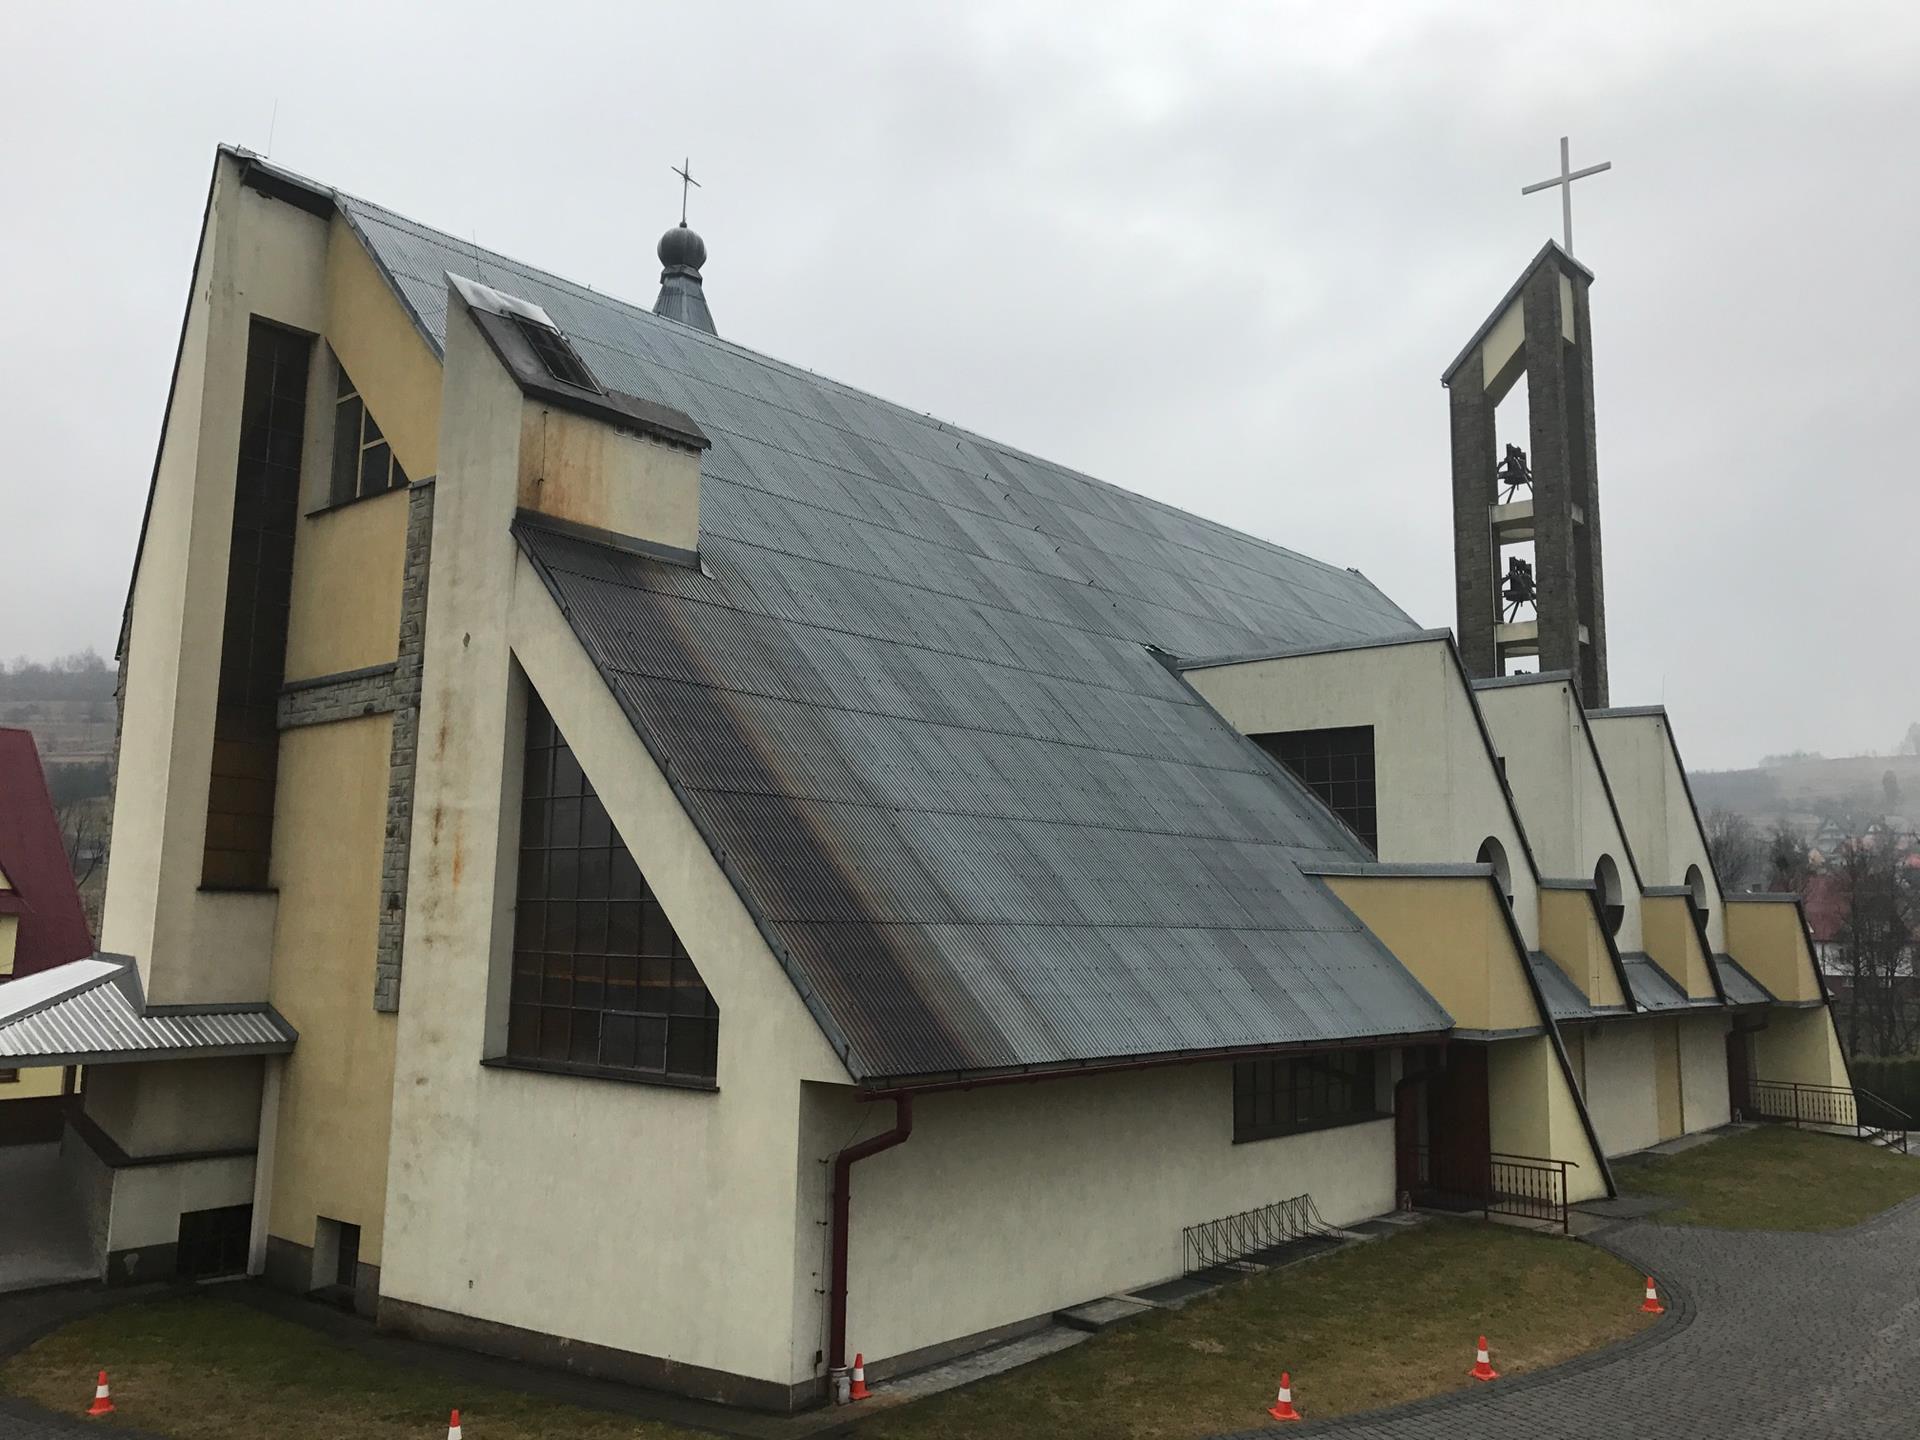 Sanepid prosi o kontakt osoby, które spowiadały się lub przyjmowały komunię w dwóch kościołach [AKTUALIZACJA]